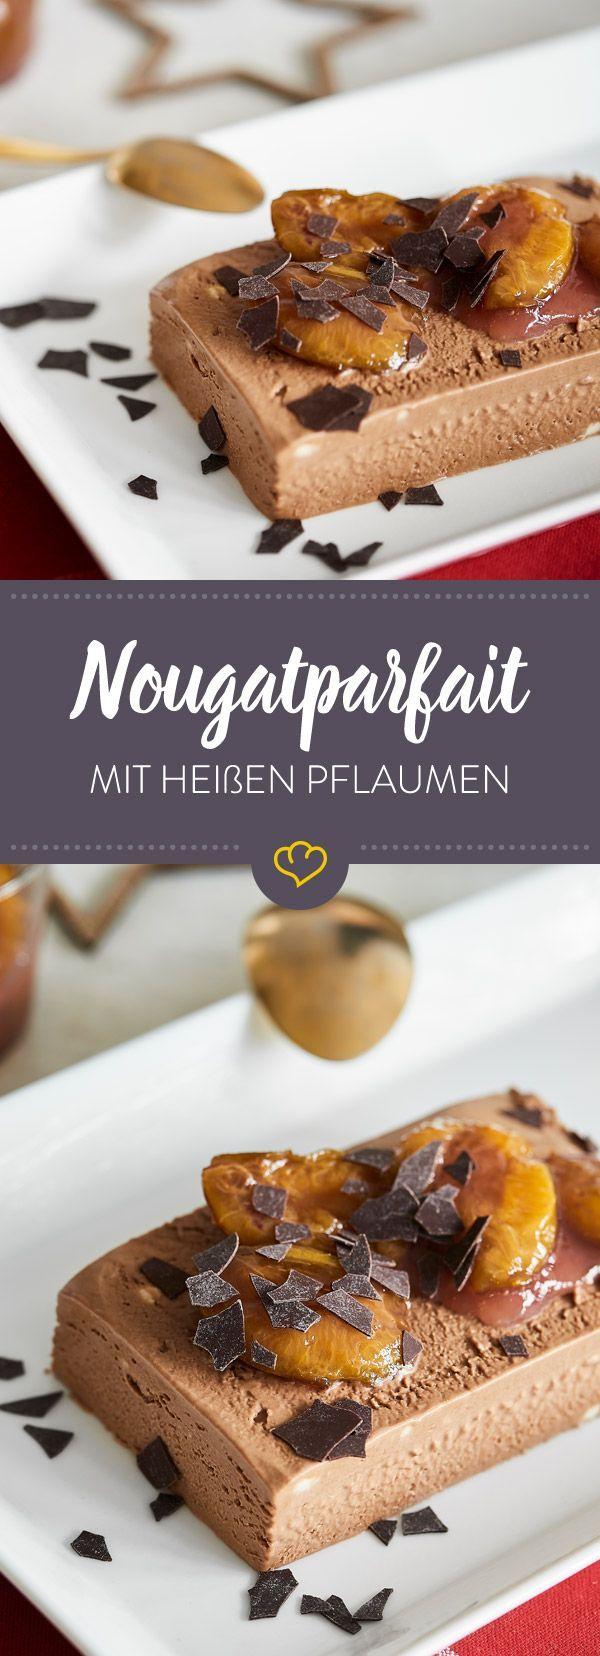 Nougatparfait mit heißen Pflaumen #quickcookies